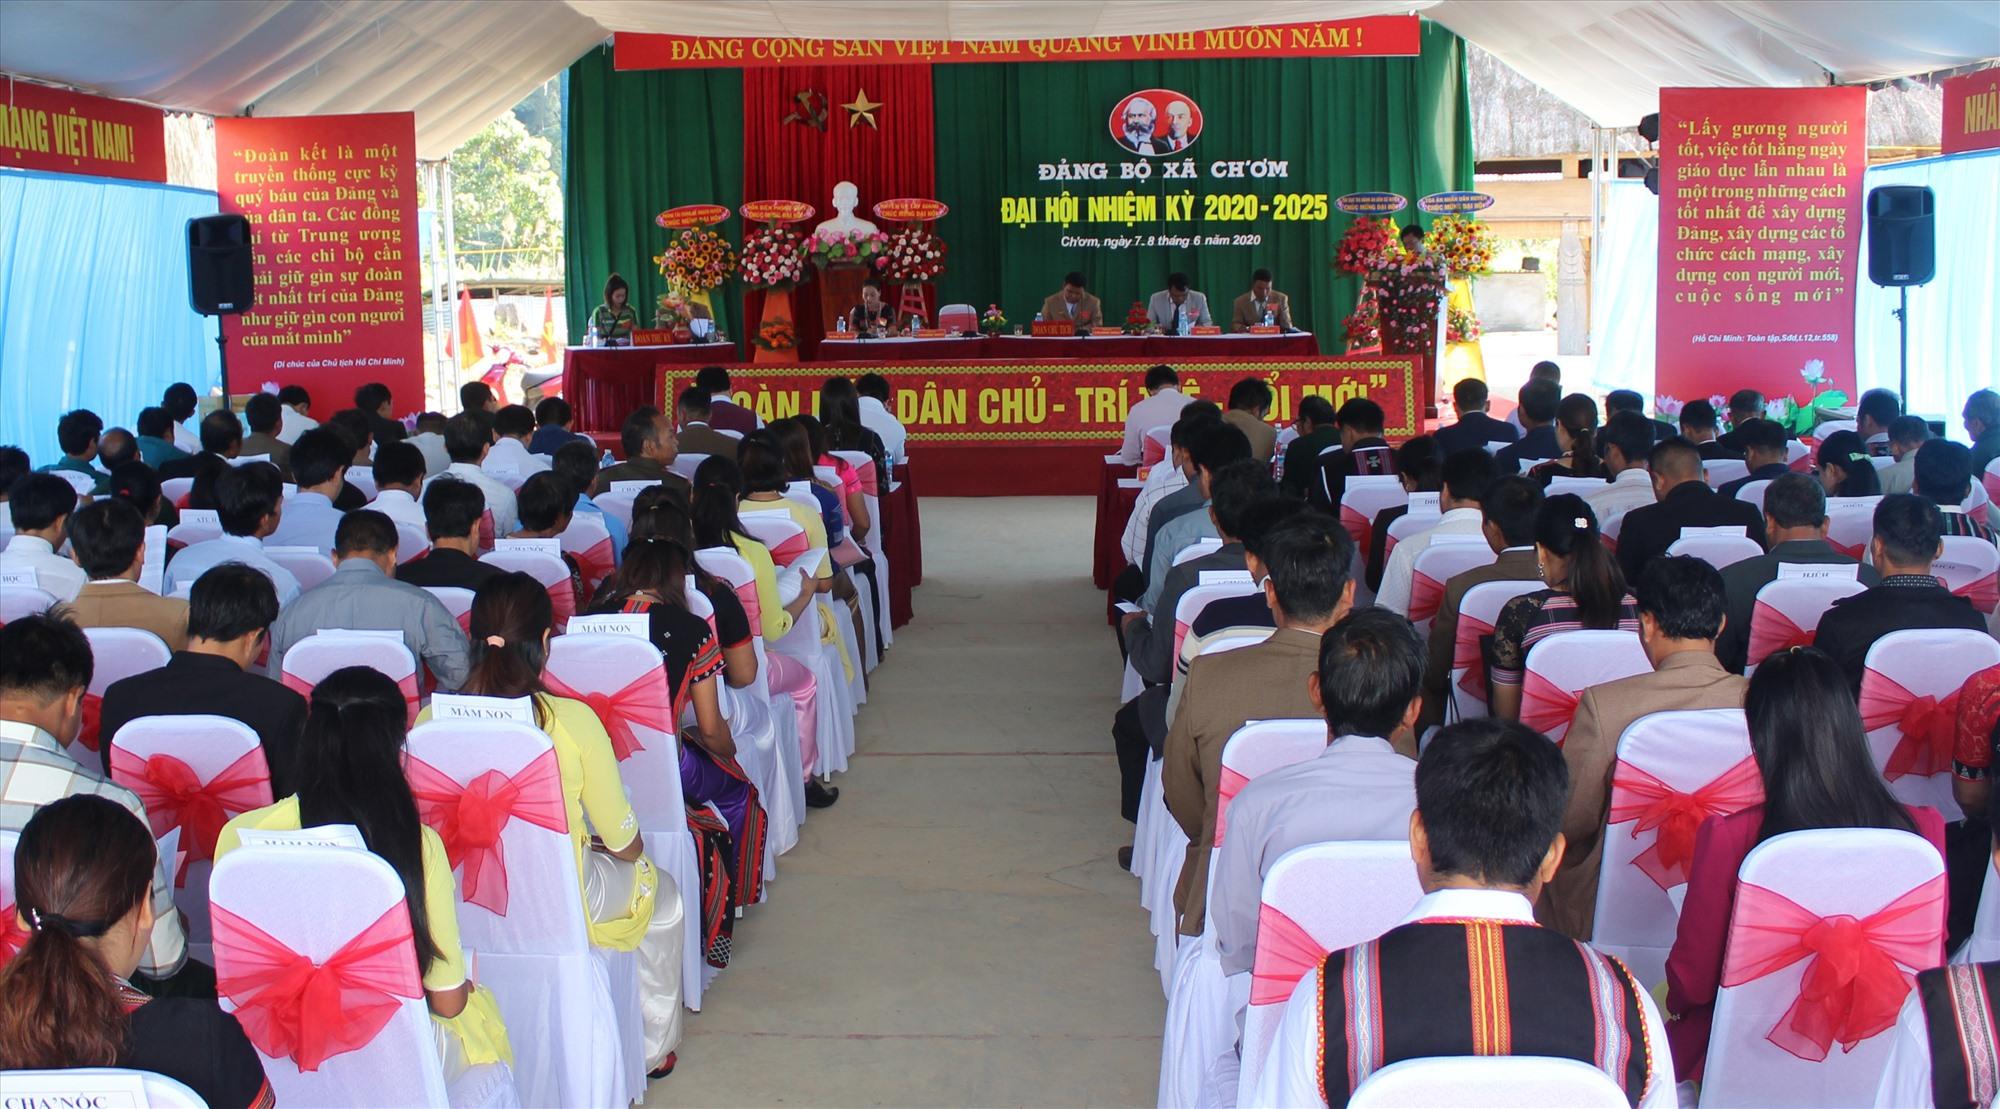 Quang cảnh Đại hội Đảng bộ xã Ch' Ơm nhiệm kỳ 2020 - 2025. Ảnh: ĐÌNH HIỆP